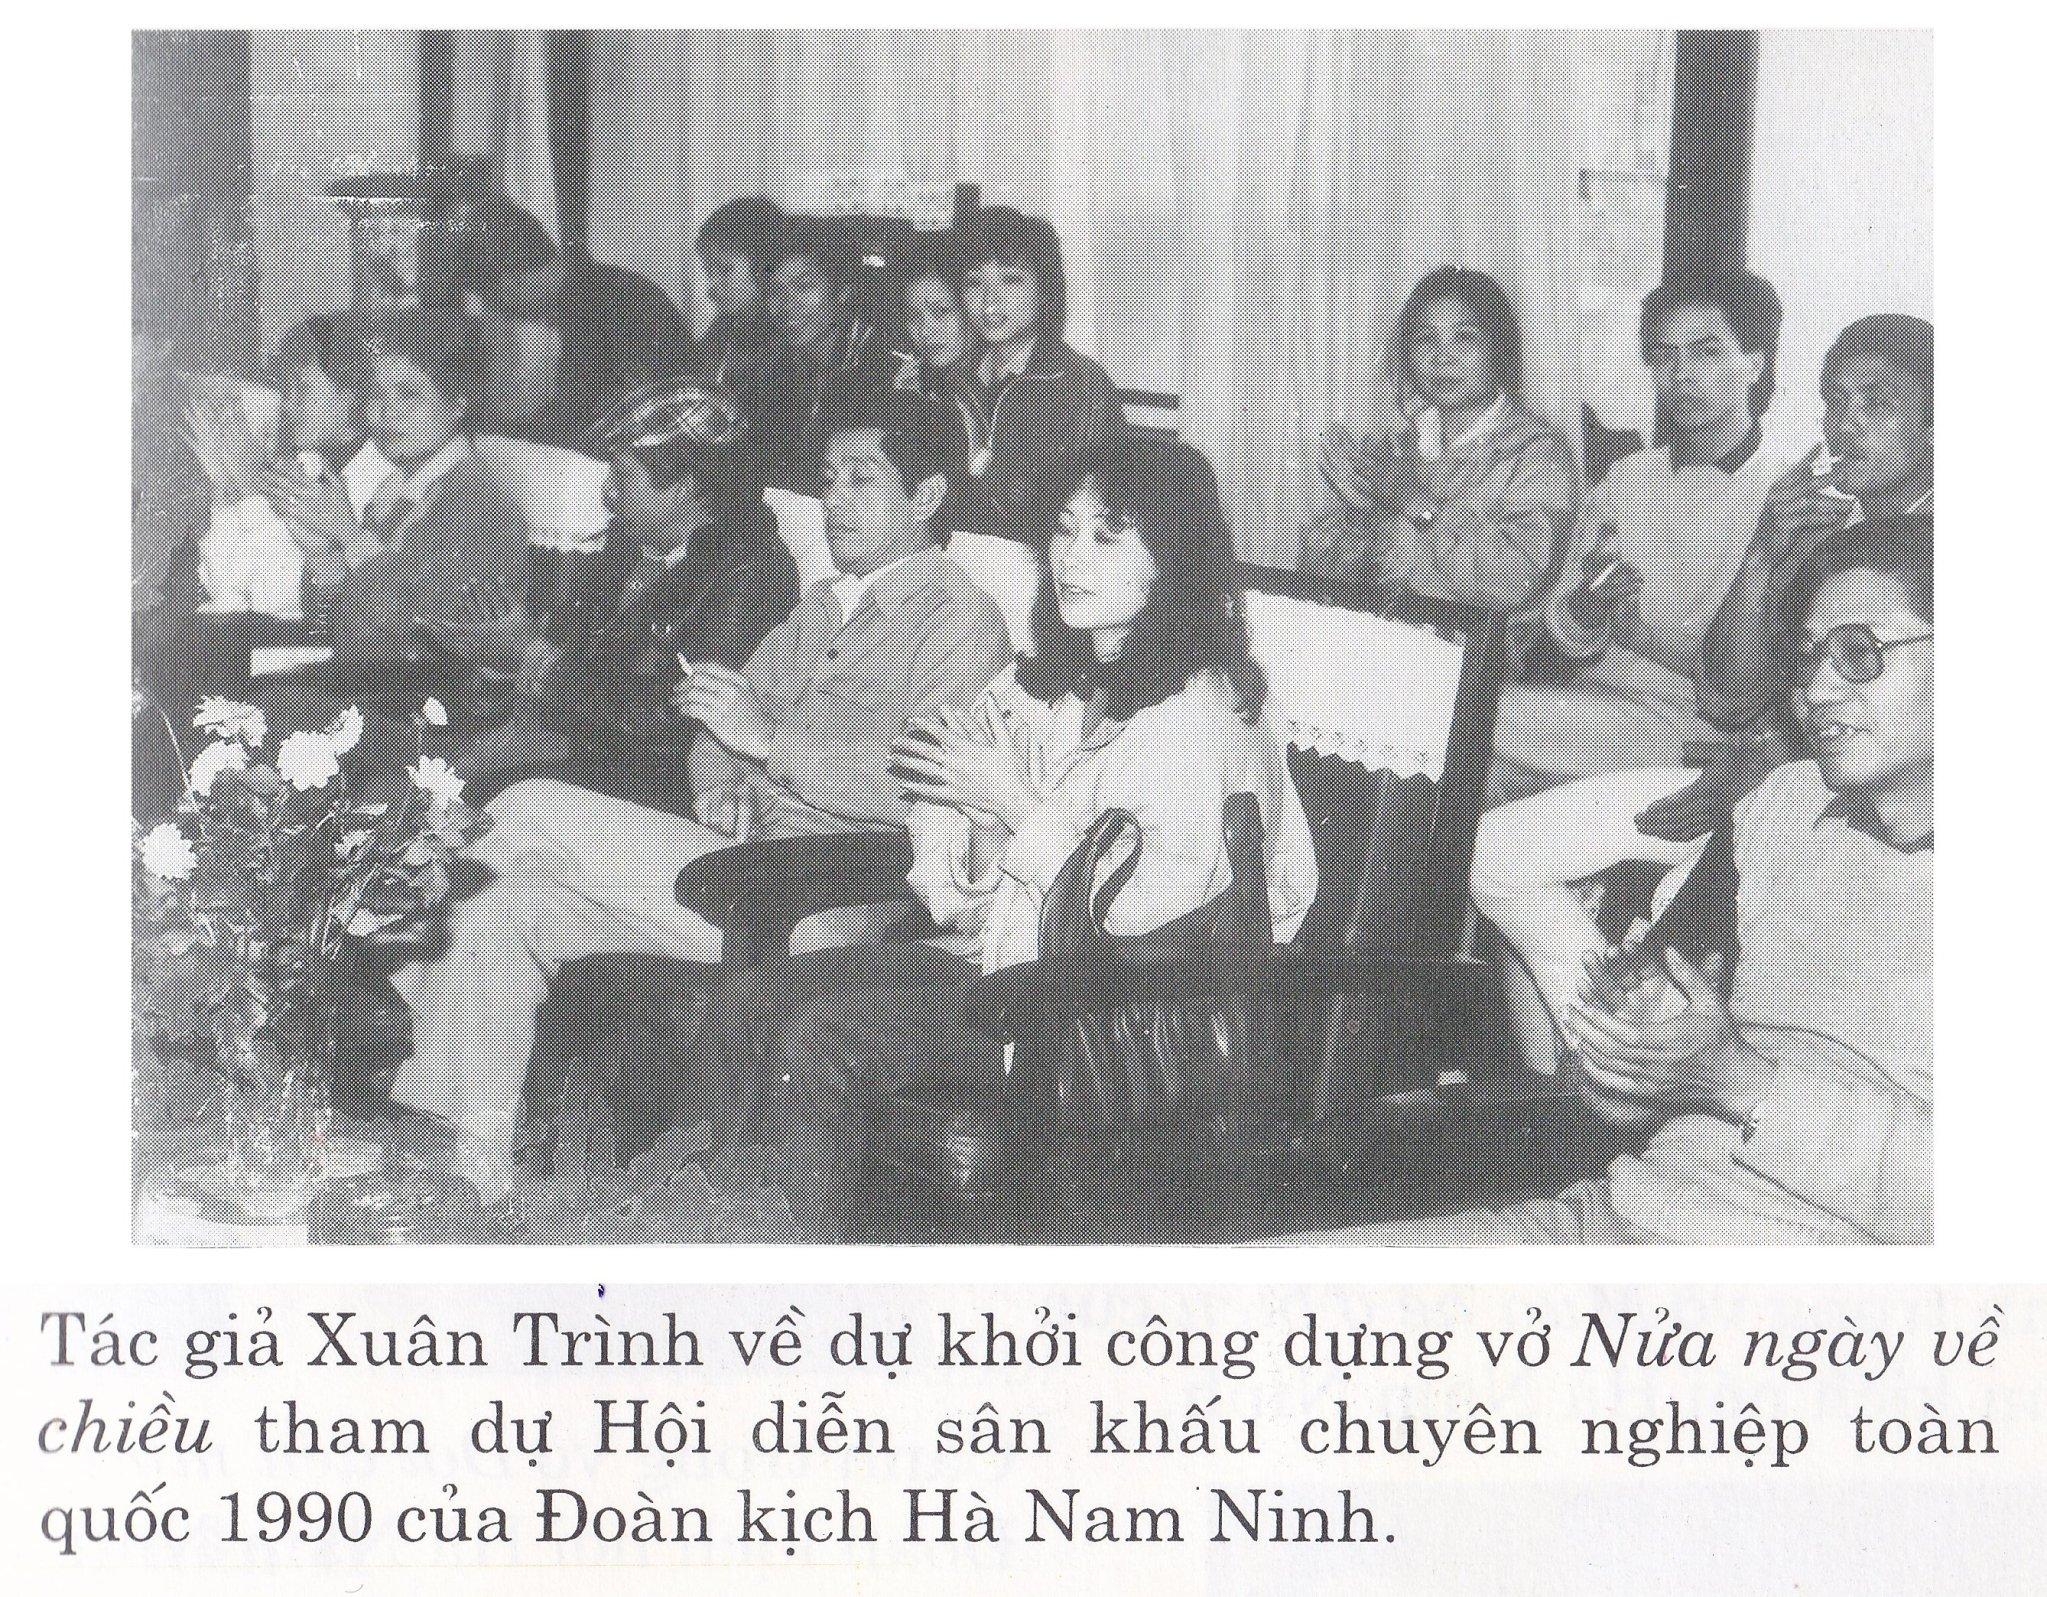 'Nửa ngày về chiều' nỗi niềm người khao khát lẽ công bằng – Phạm Việt Hà